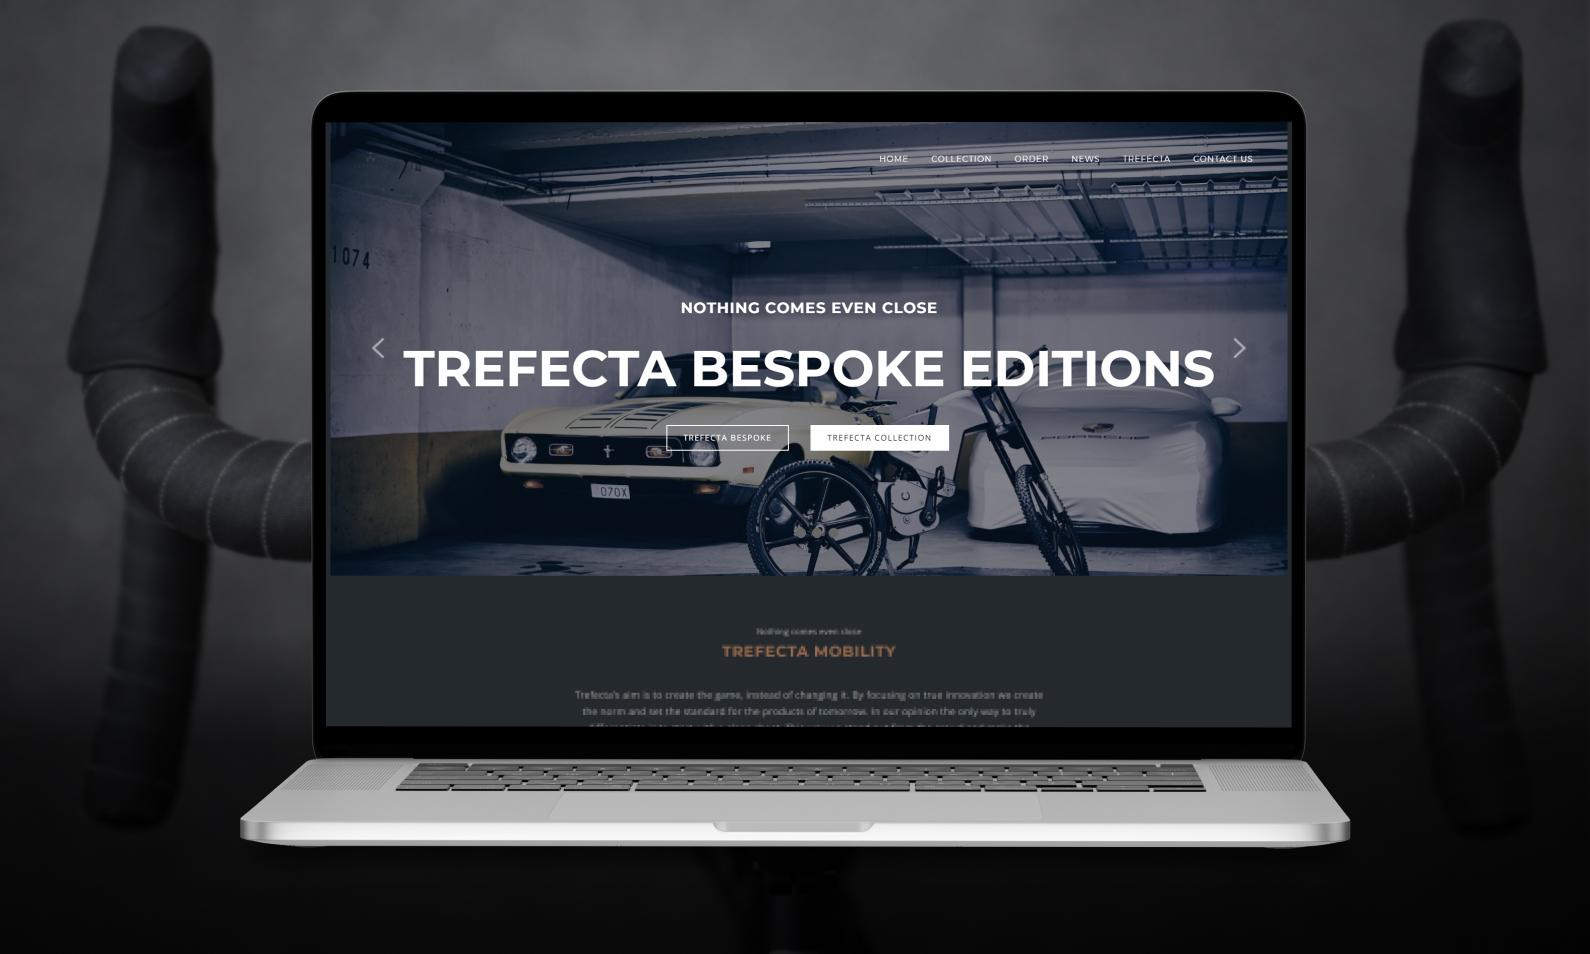 Trefecta